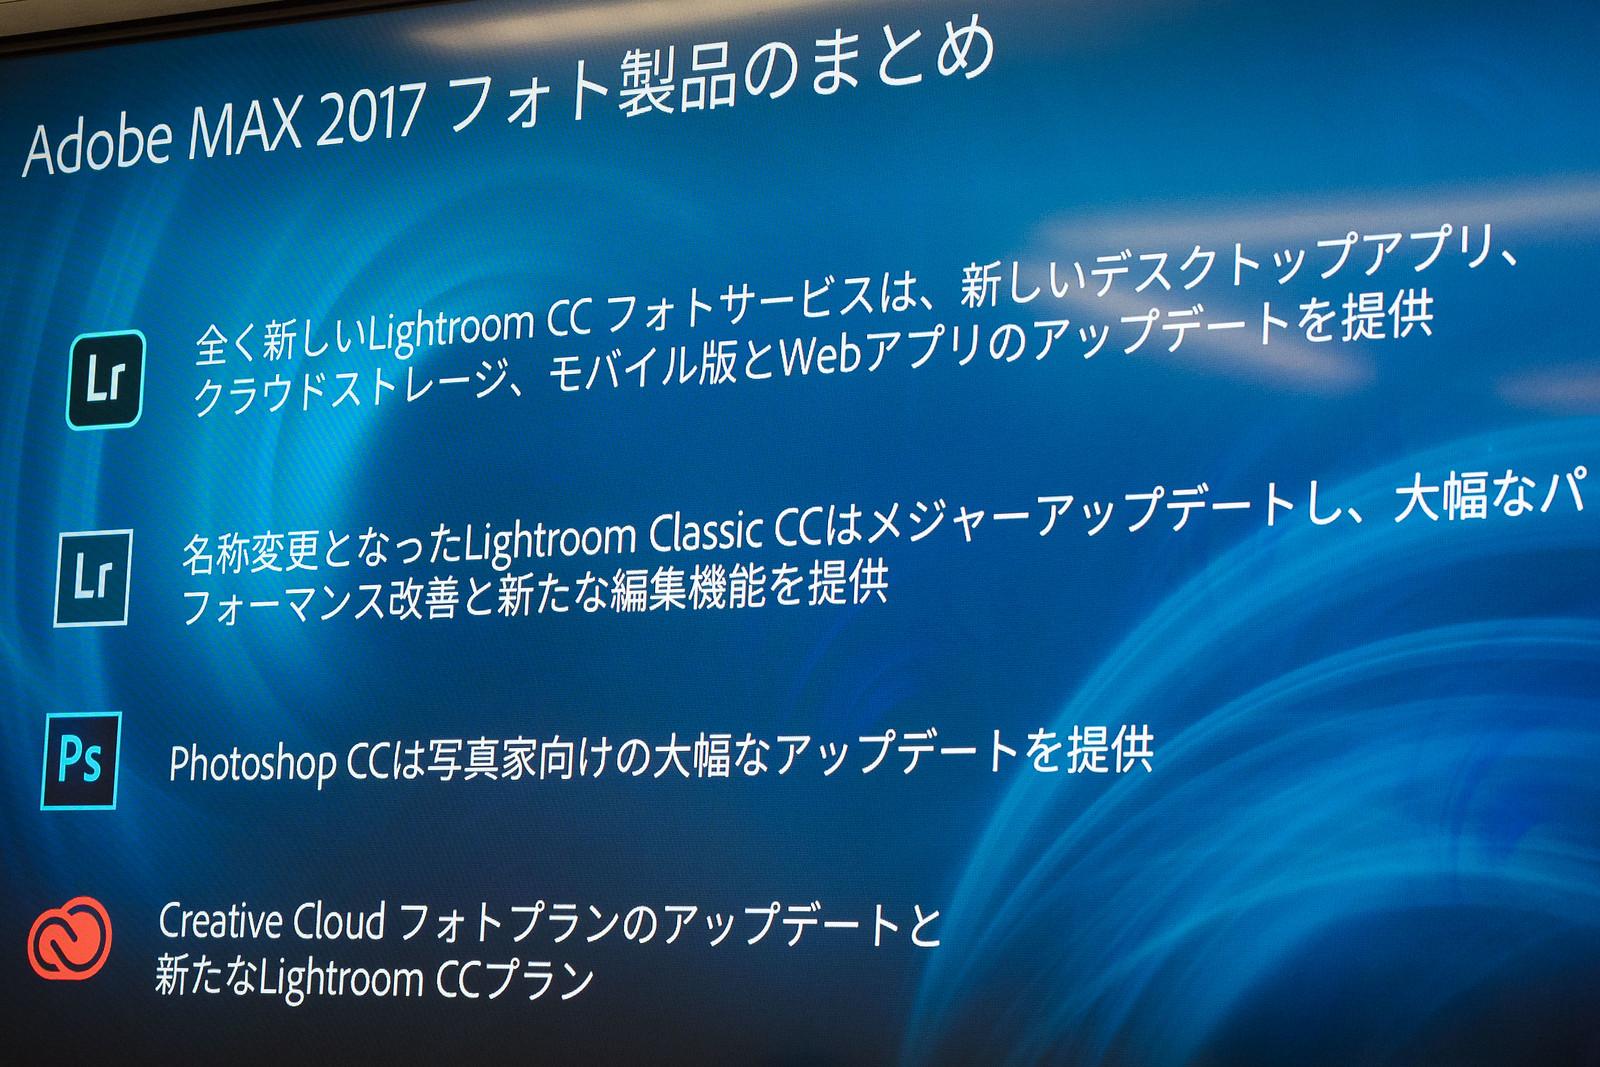 LightroomCC2017-28